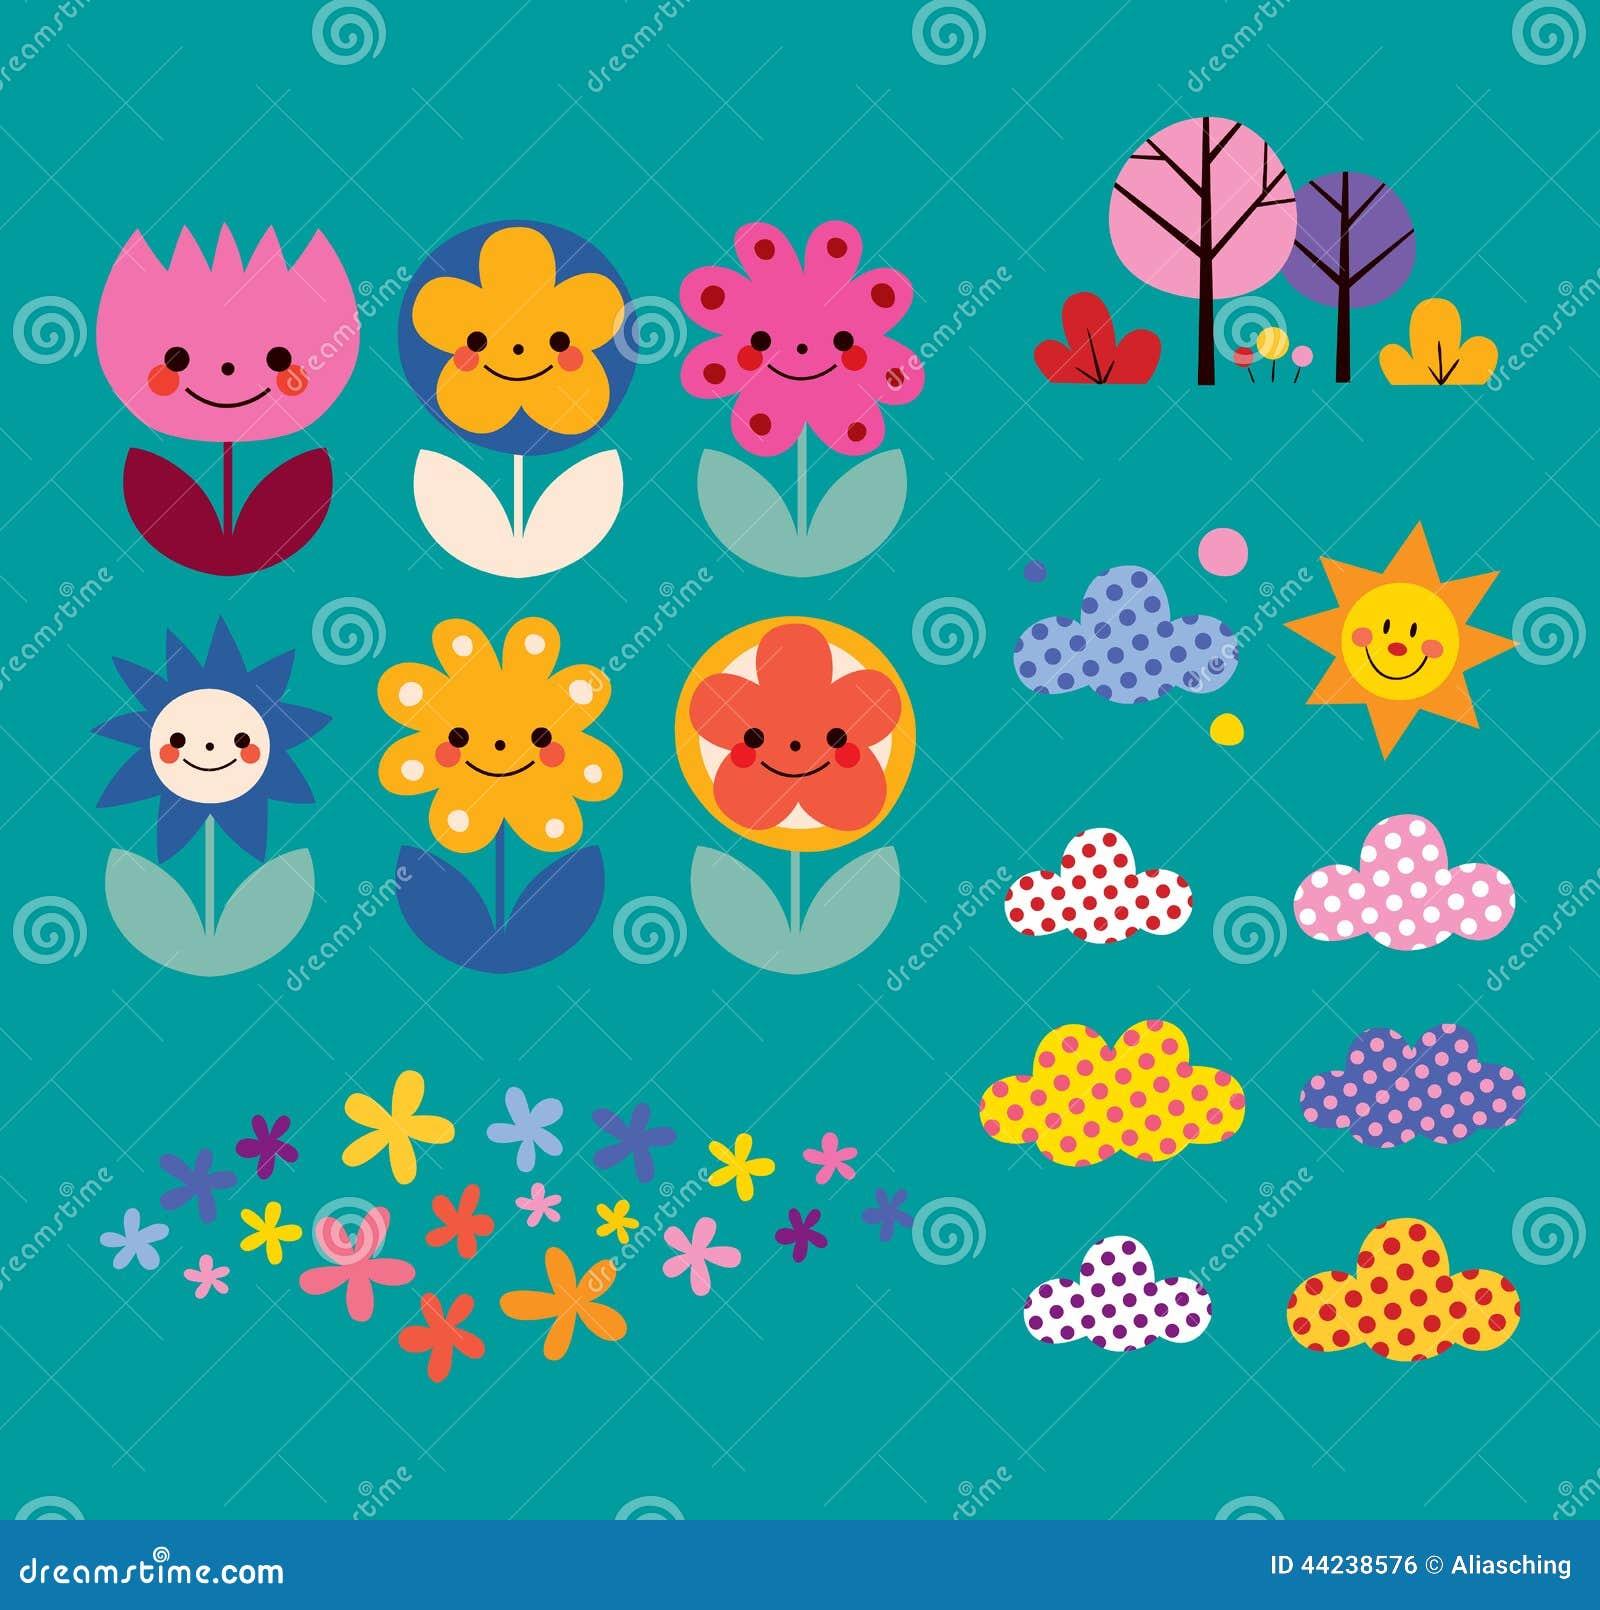 Flowers, clouds, nature design elements set